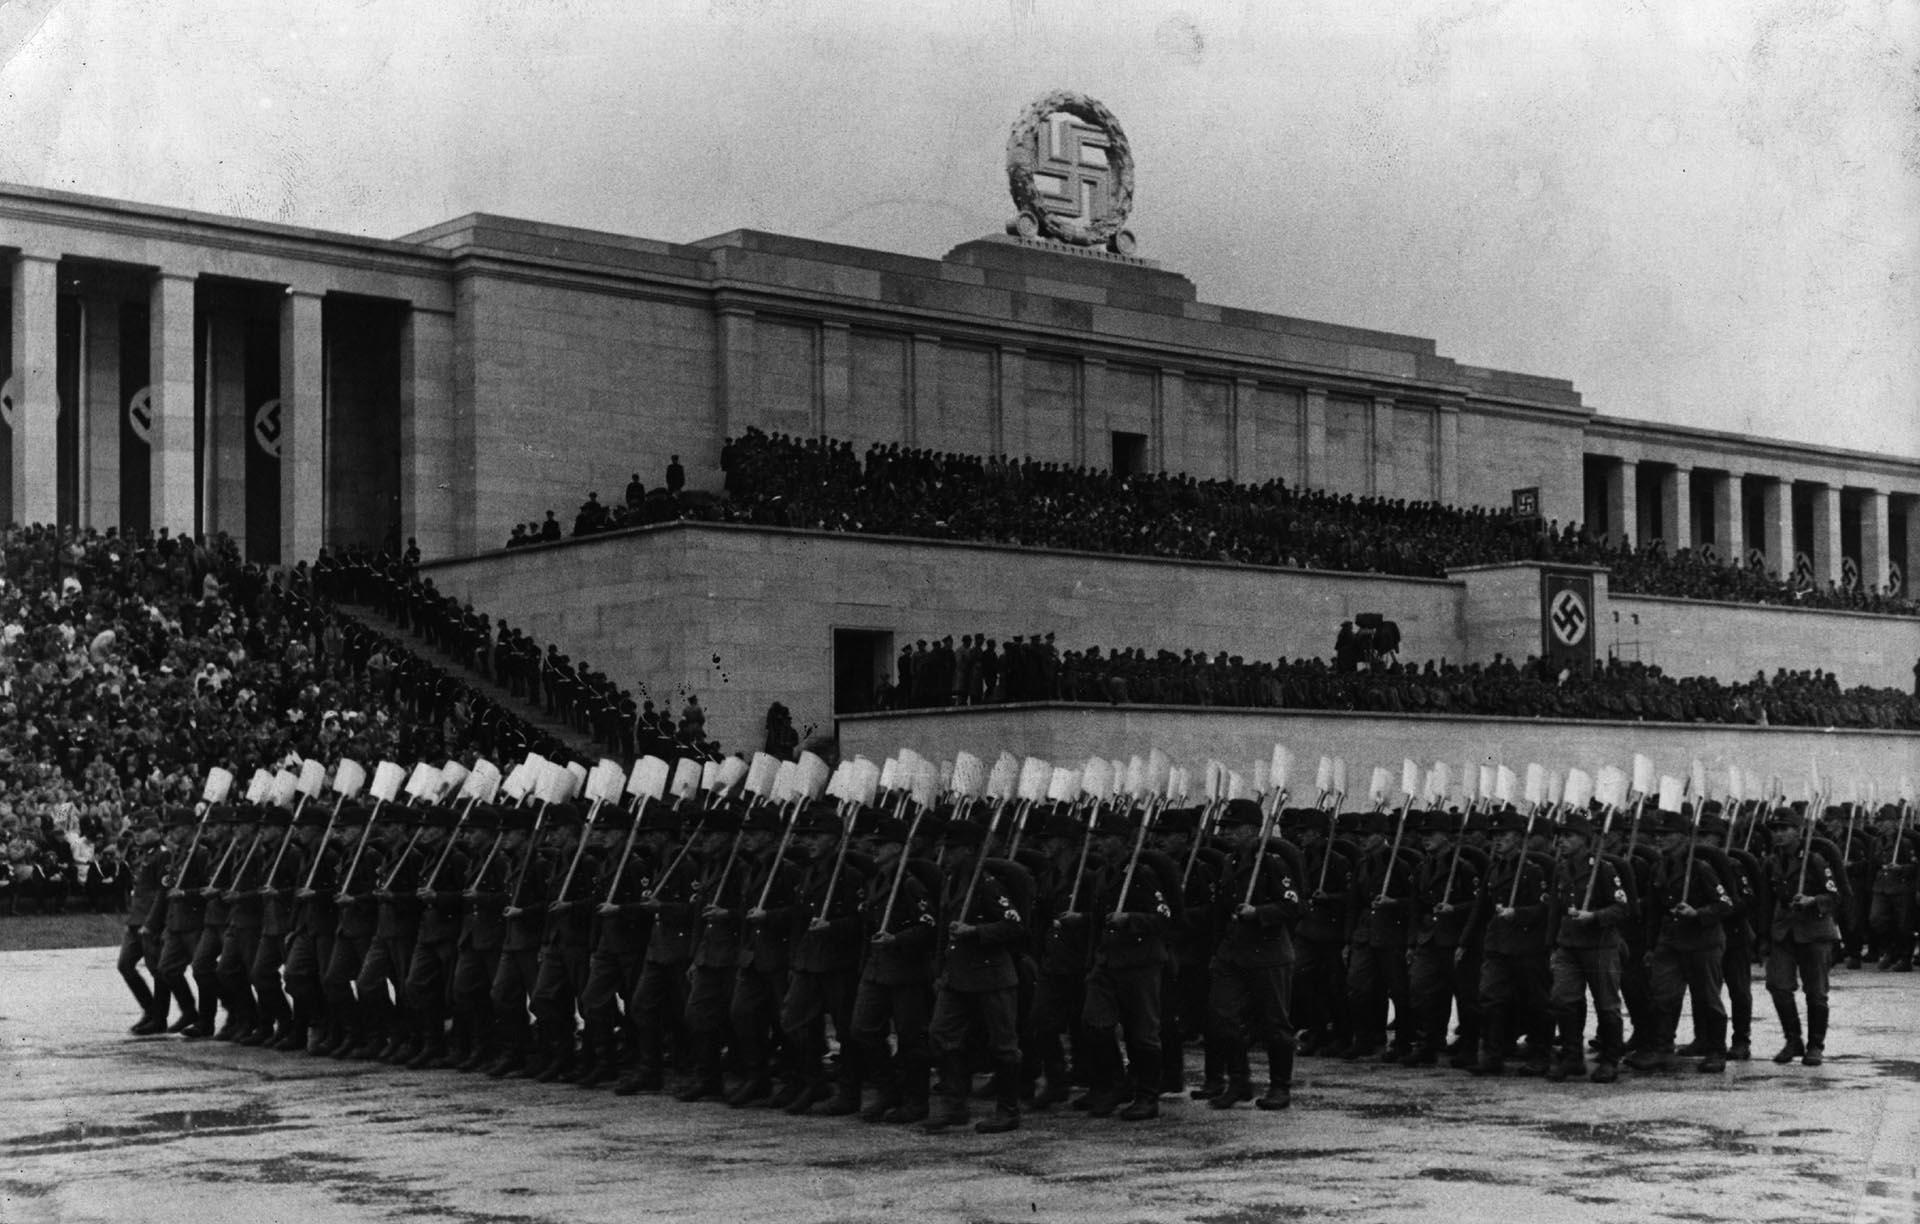 Un acto nazi en el Campo de Zeppelin de Núremberg en 1935. (Getty Images)